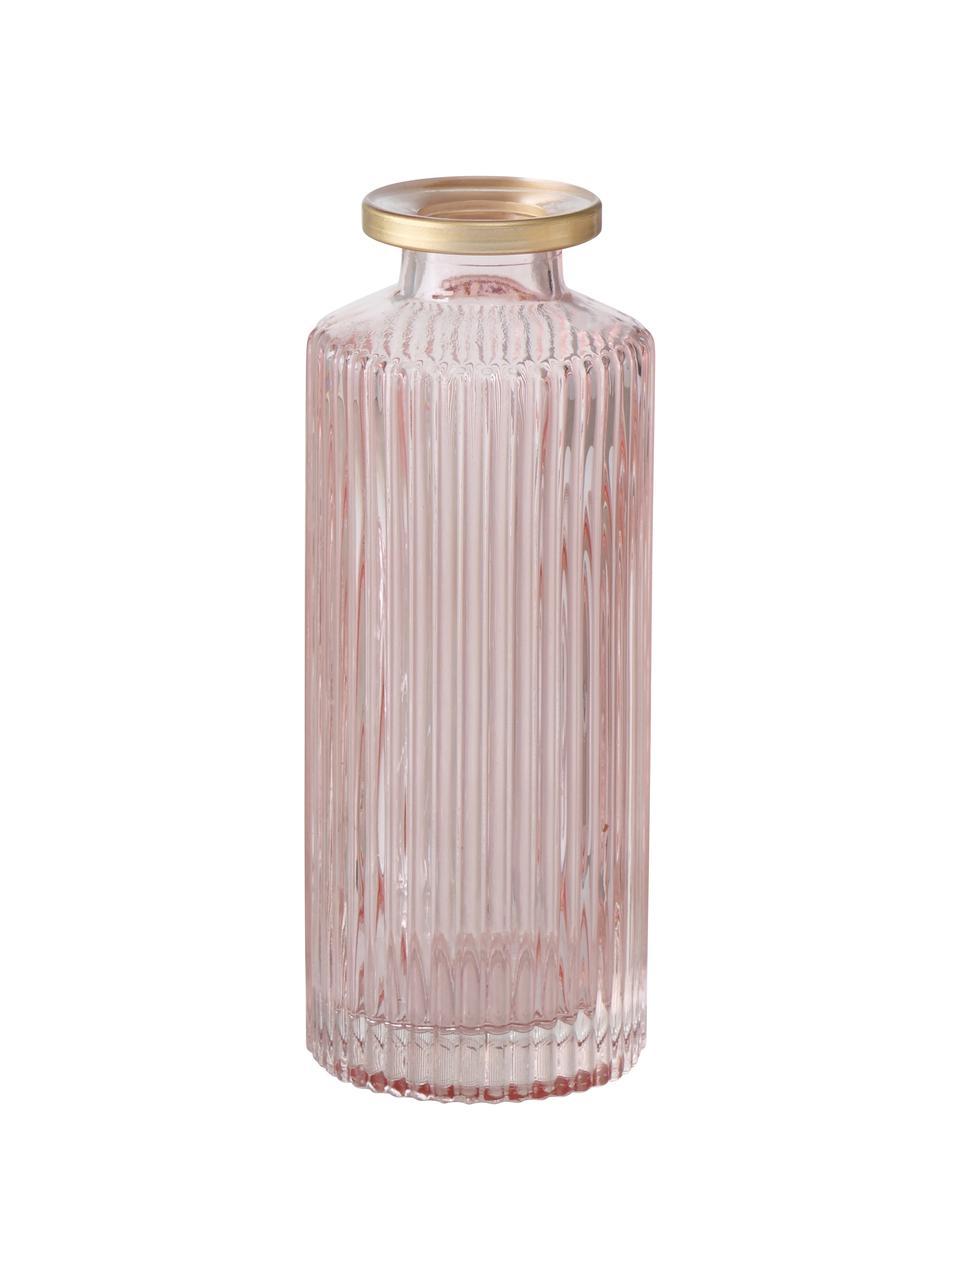 Kleines Vasen-Set Adore aus Glas, 3-tlg., Glas, gefärbt, Rosa, Ø 5 x H 13 cm